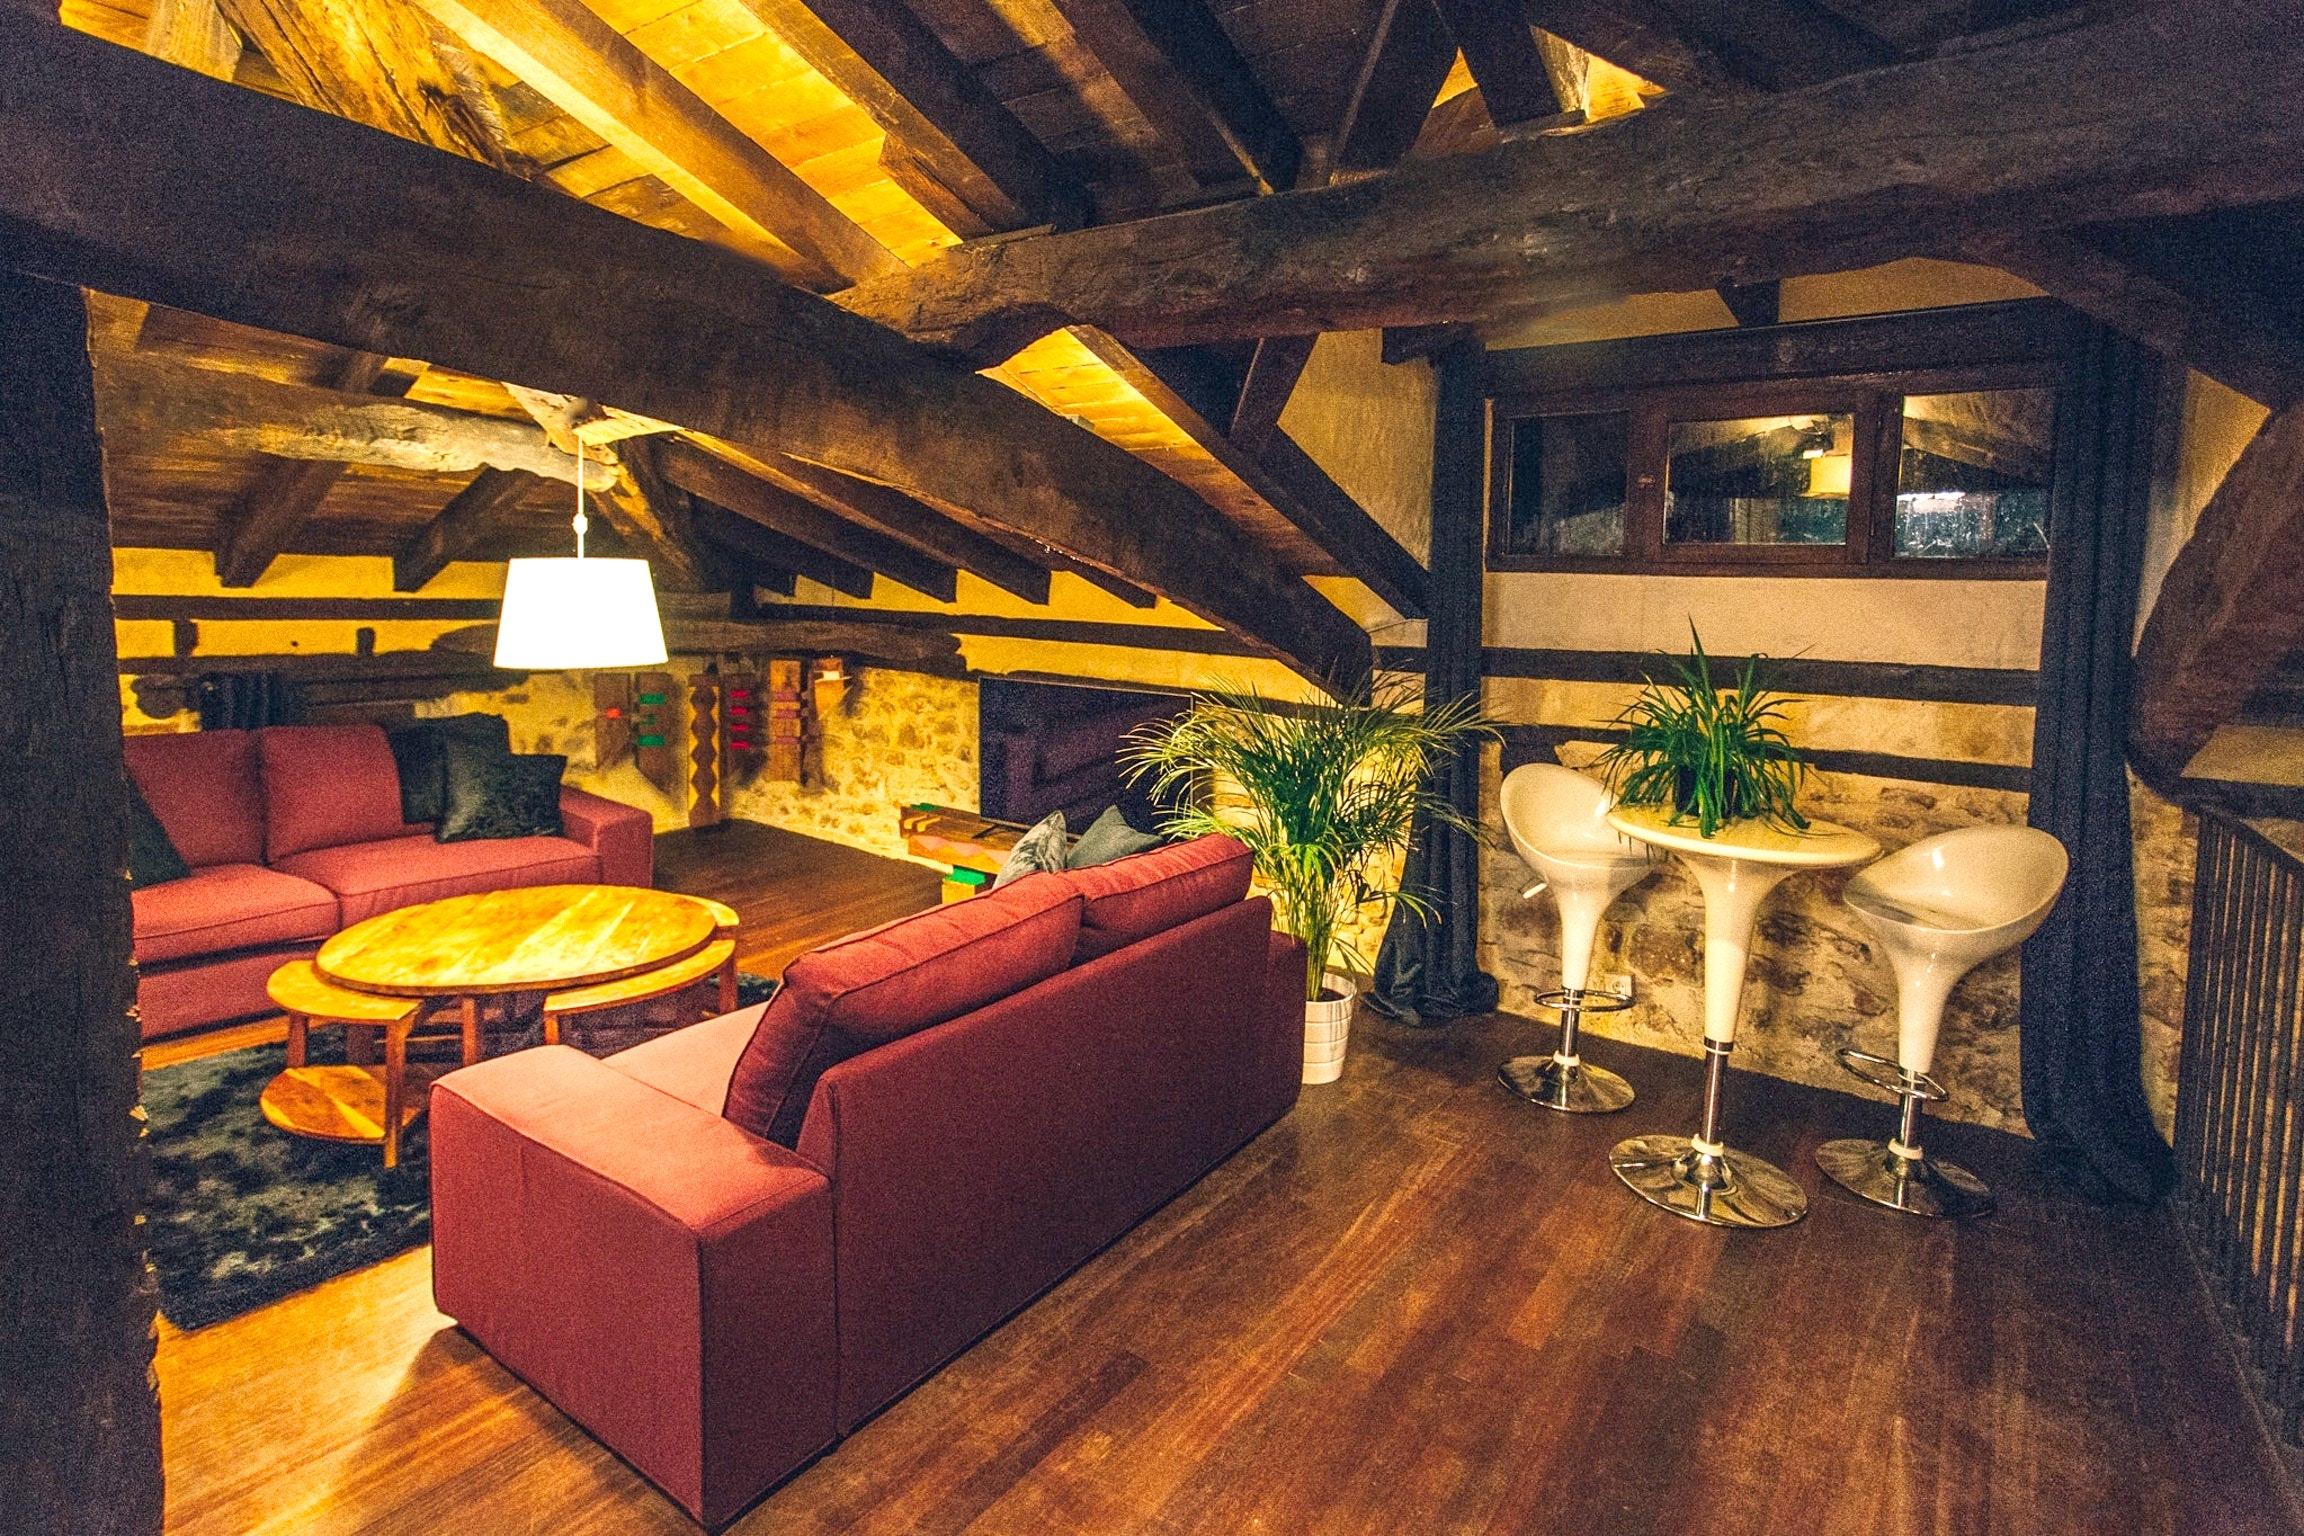 Ferienhaus Haus mit 5 Zimmern in Fuenteodra mit toller Aussicht auf die Berge, eingezäuntem Garten un (2211142), Fuenteodra, Burgos, Kastilien-León, Spanien, Bild 6